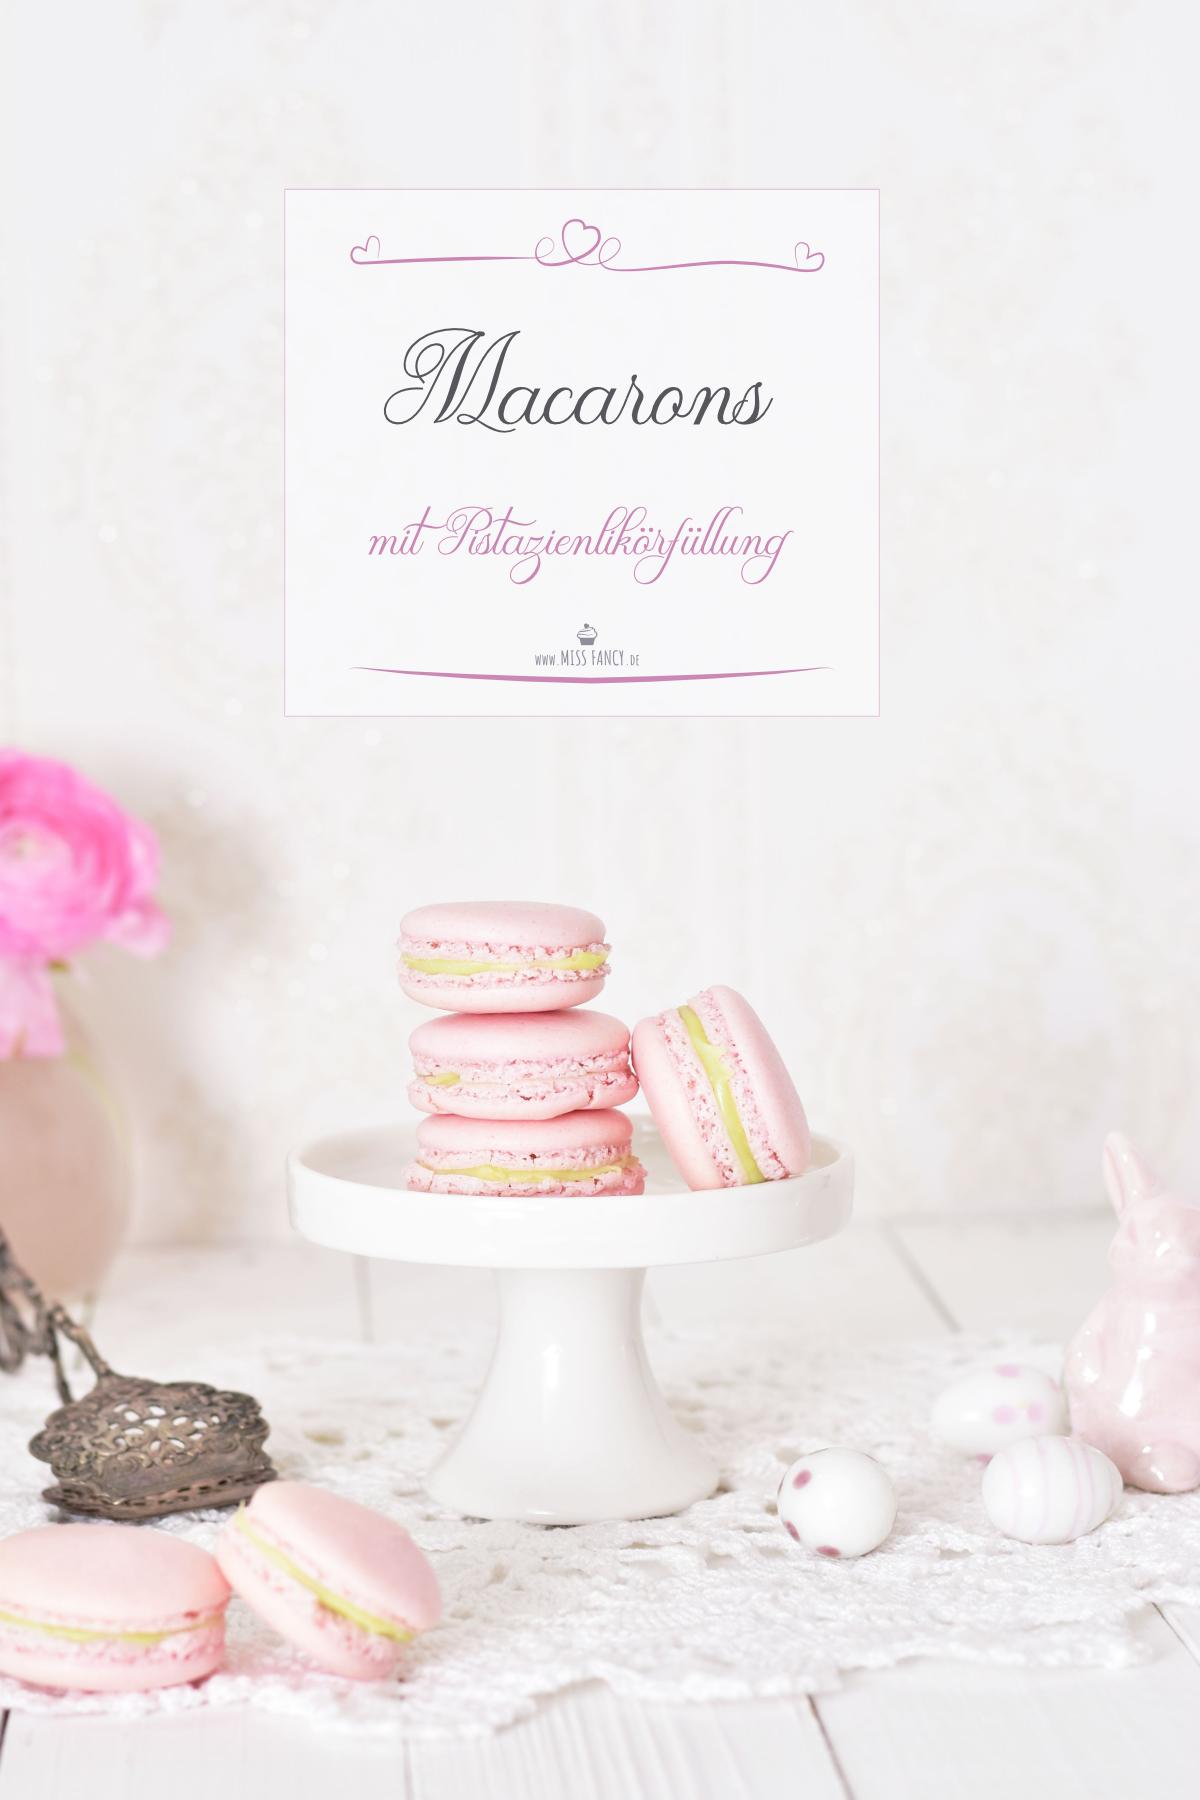 Rezept-Macarons-Pistazienlikör-missfancy